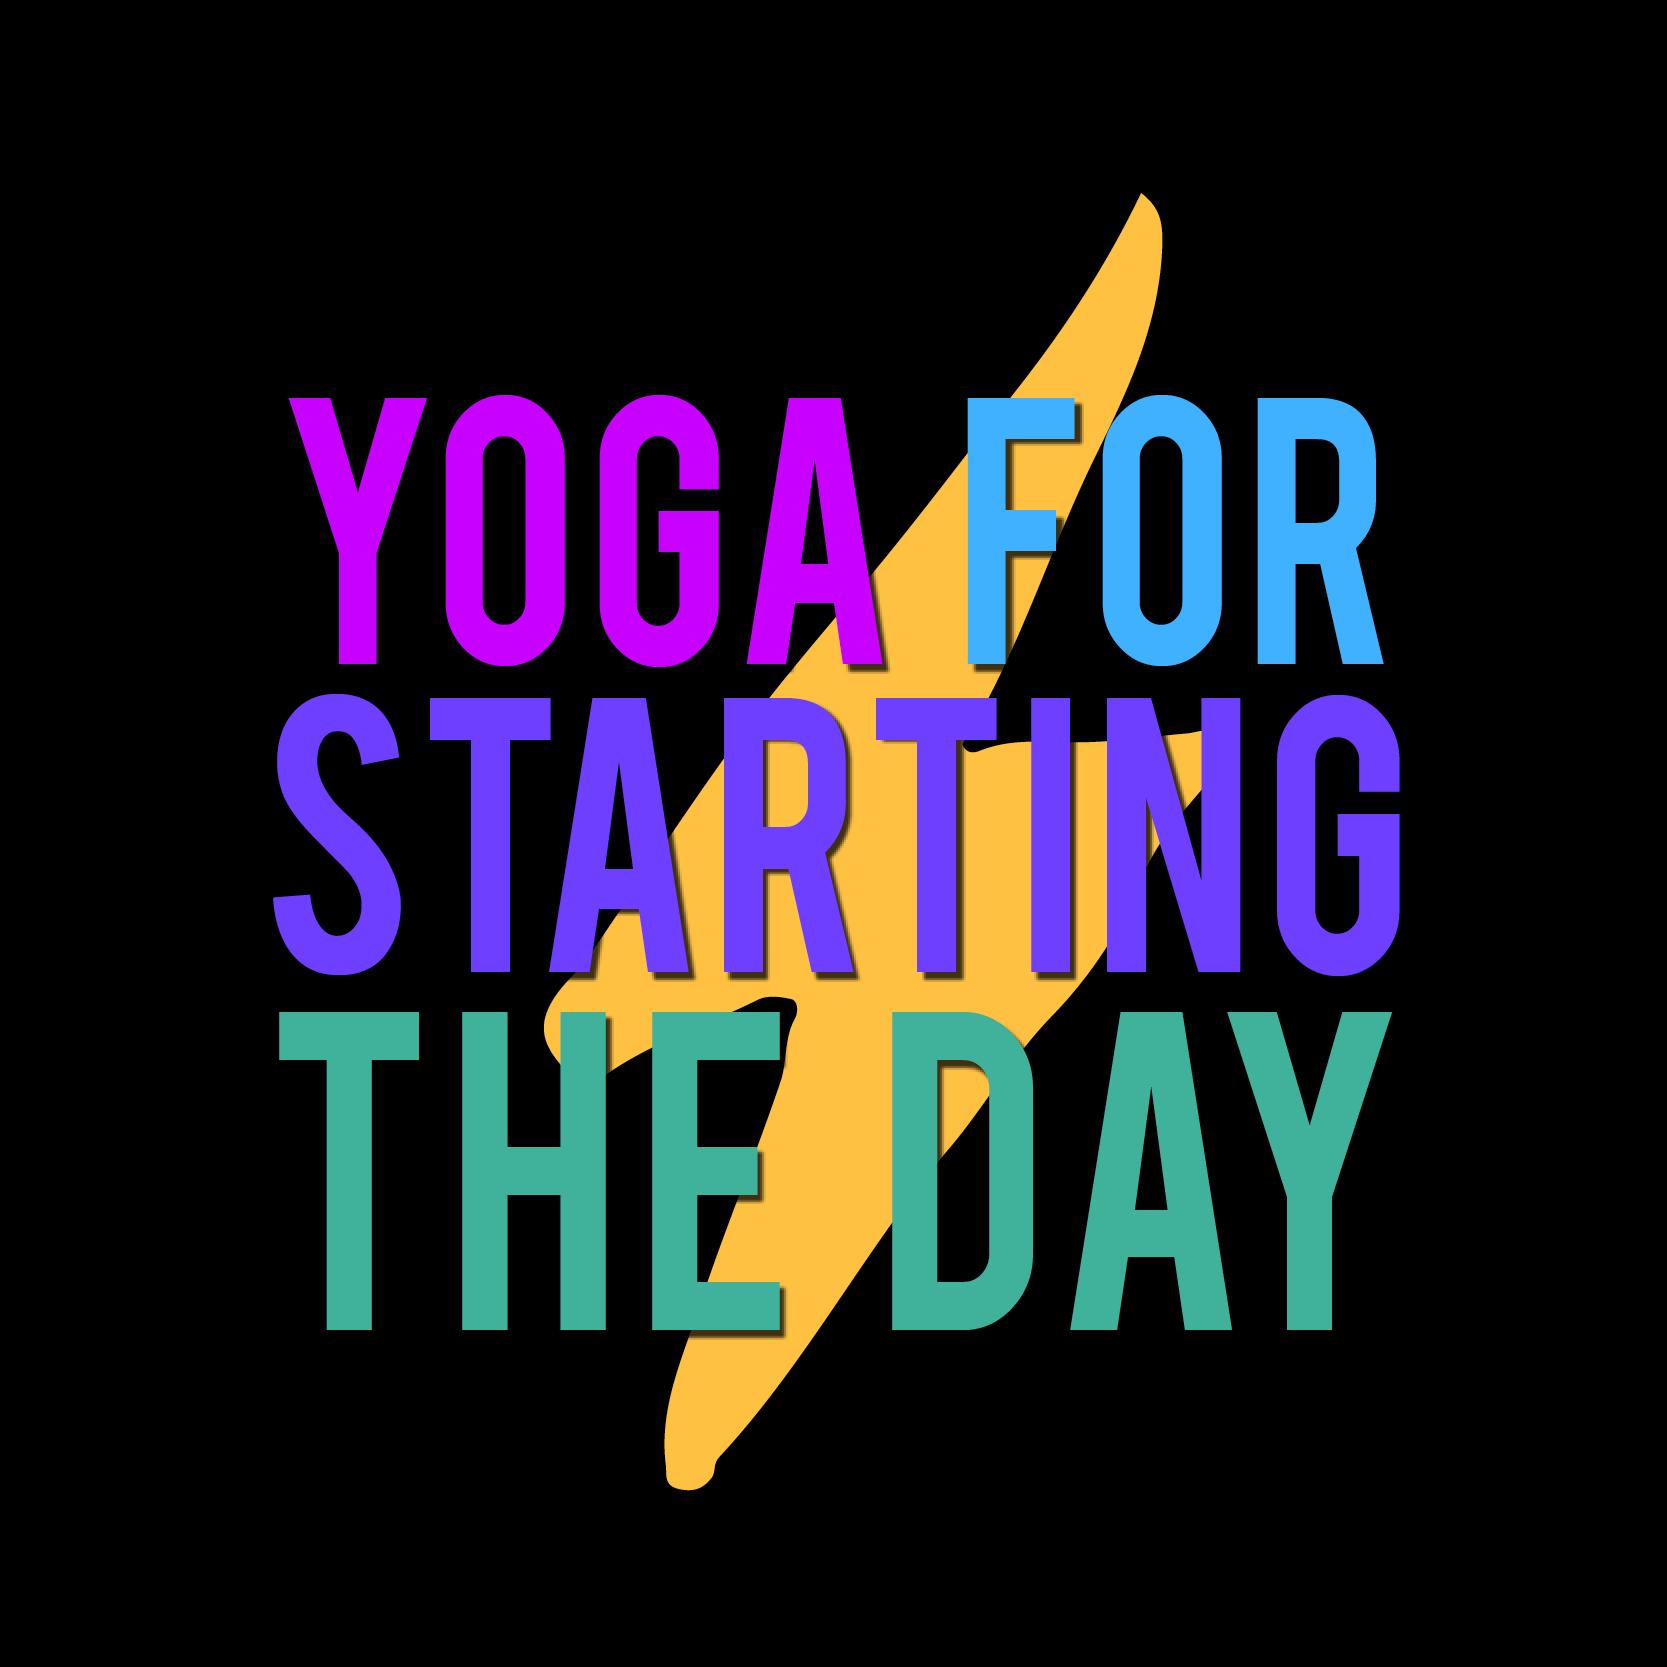 yogaforstartingtheday.jpg